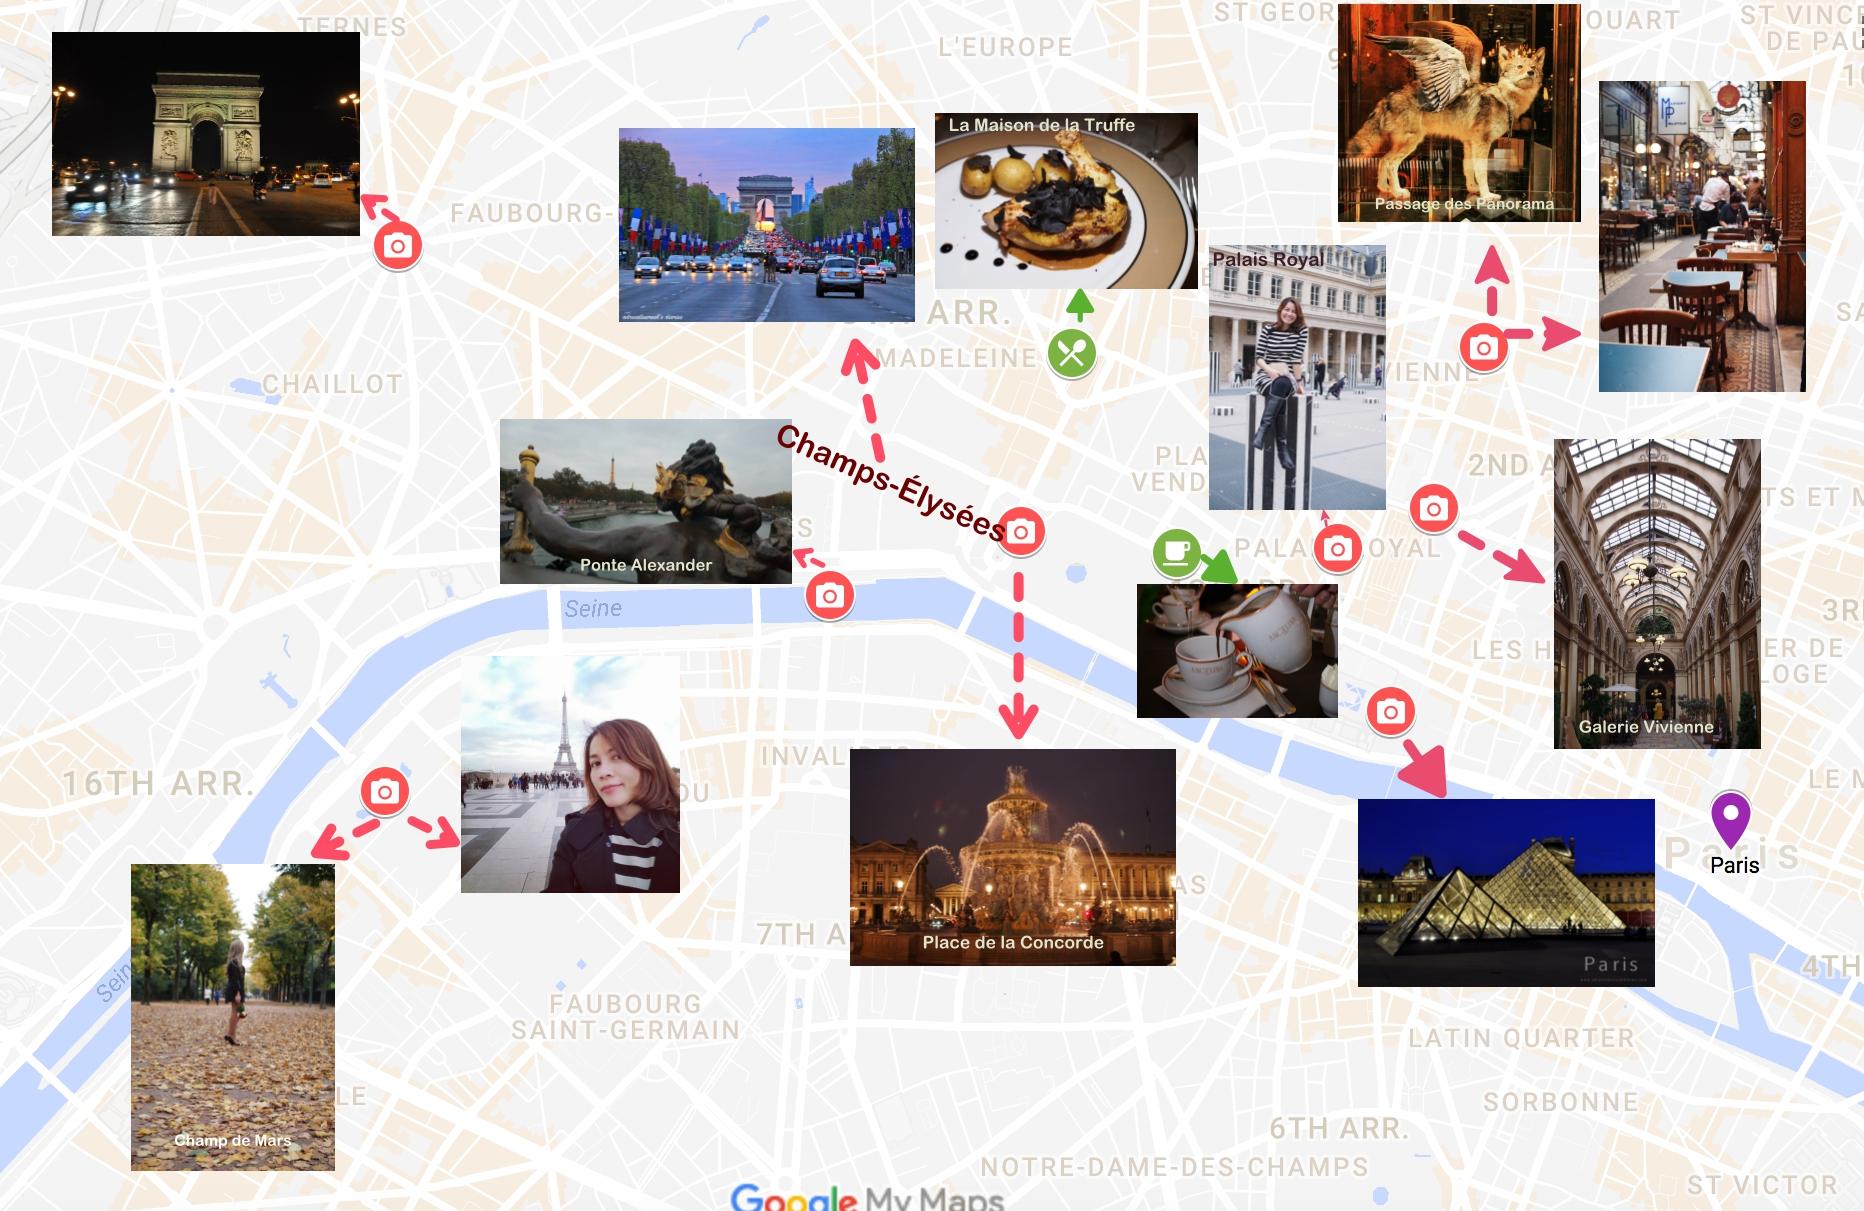 เที่ยวไปกินไปในปารีสตอนที่ 1